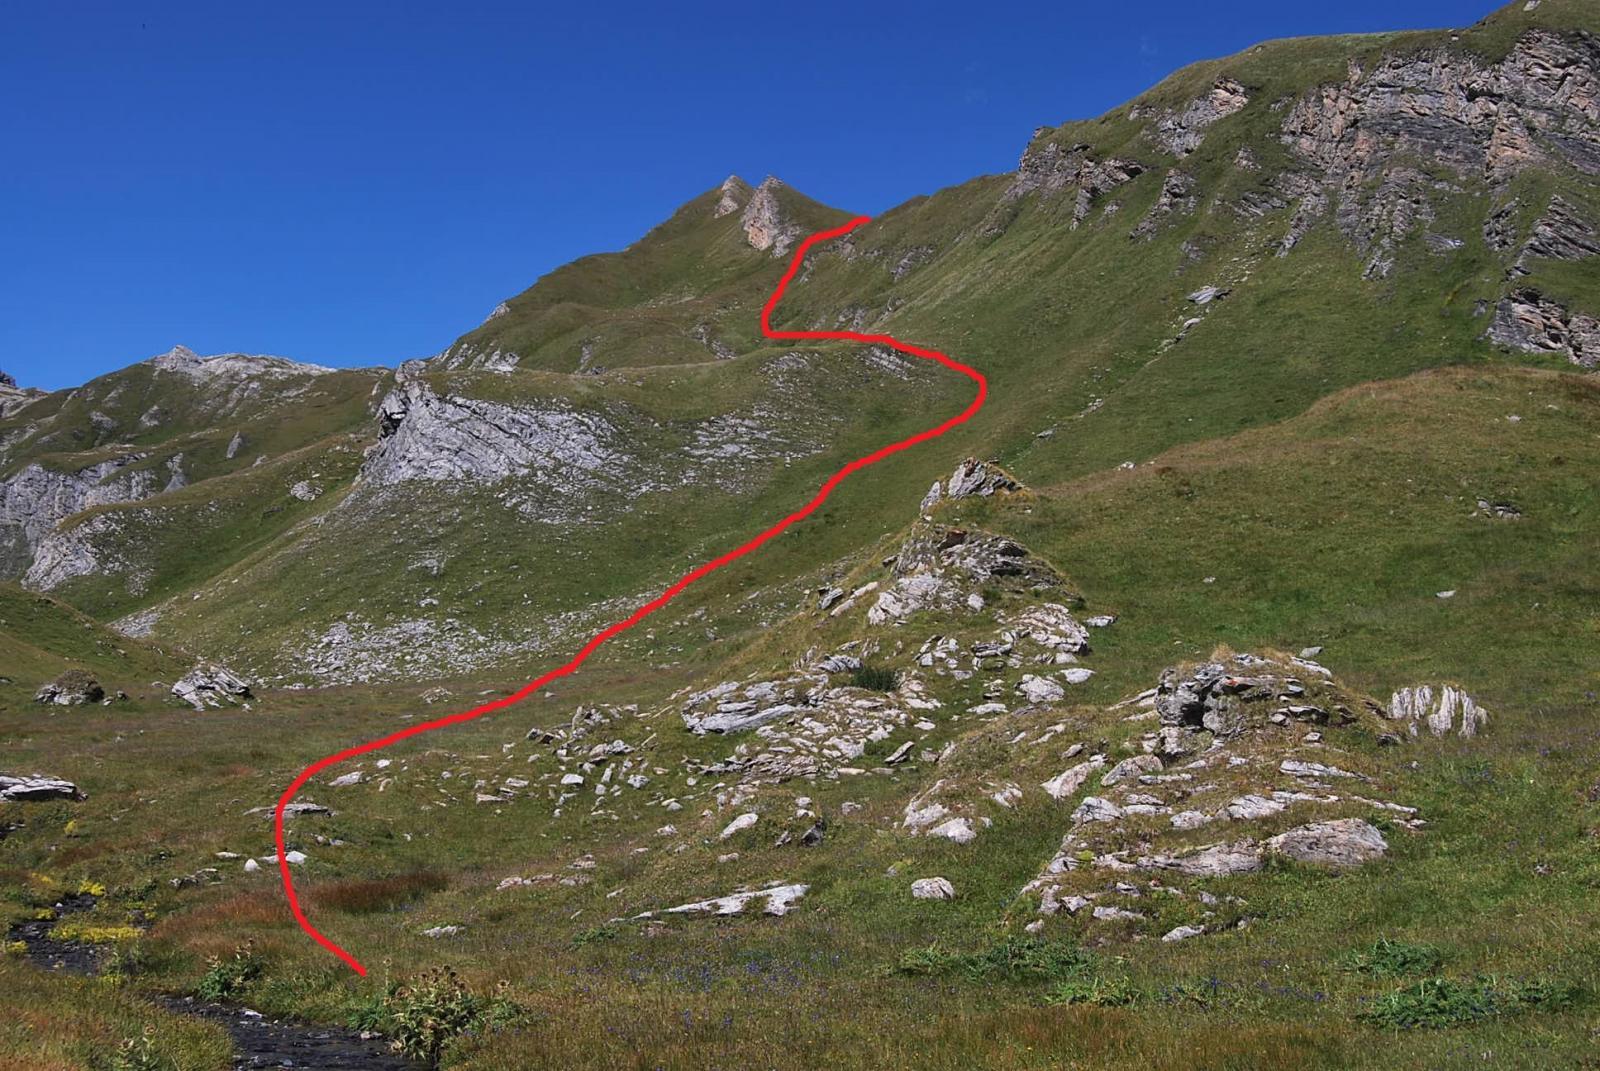 La via di salita dal piano di Bonalex sulla conca erbosa.